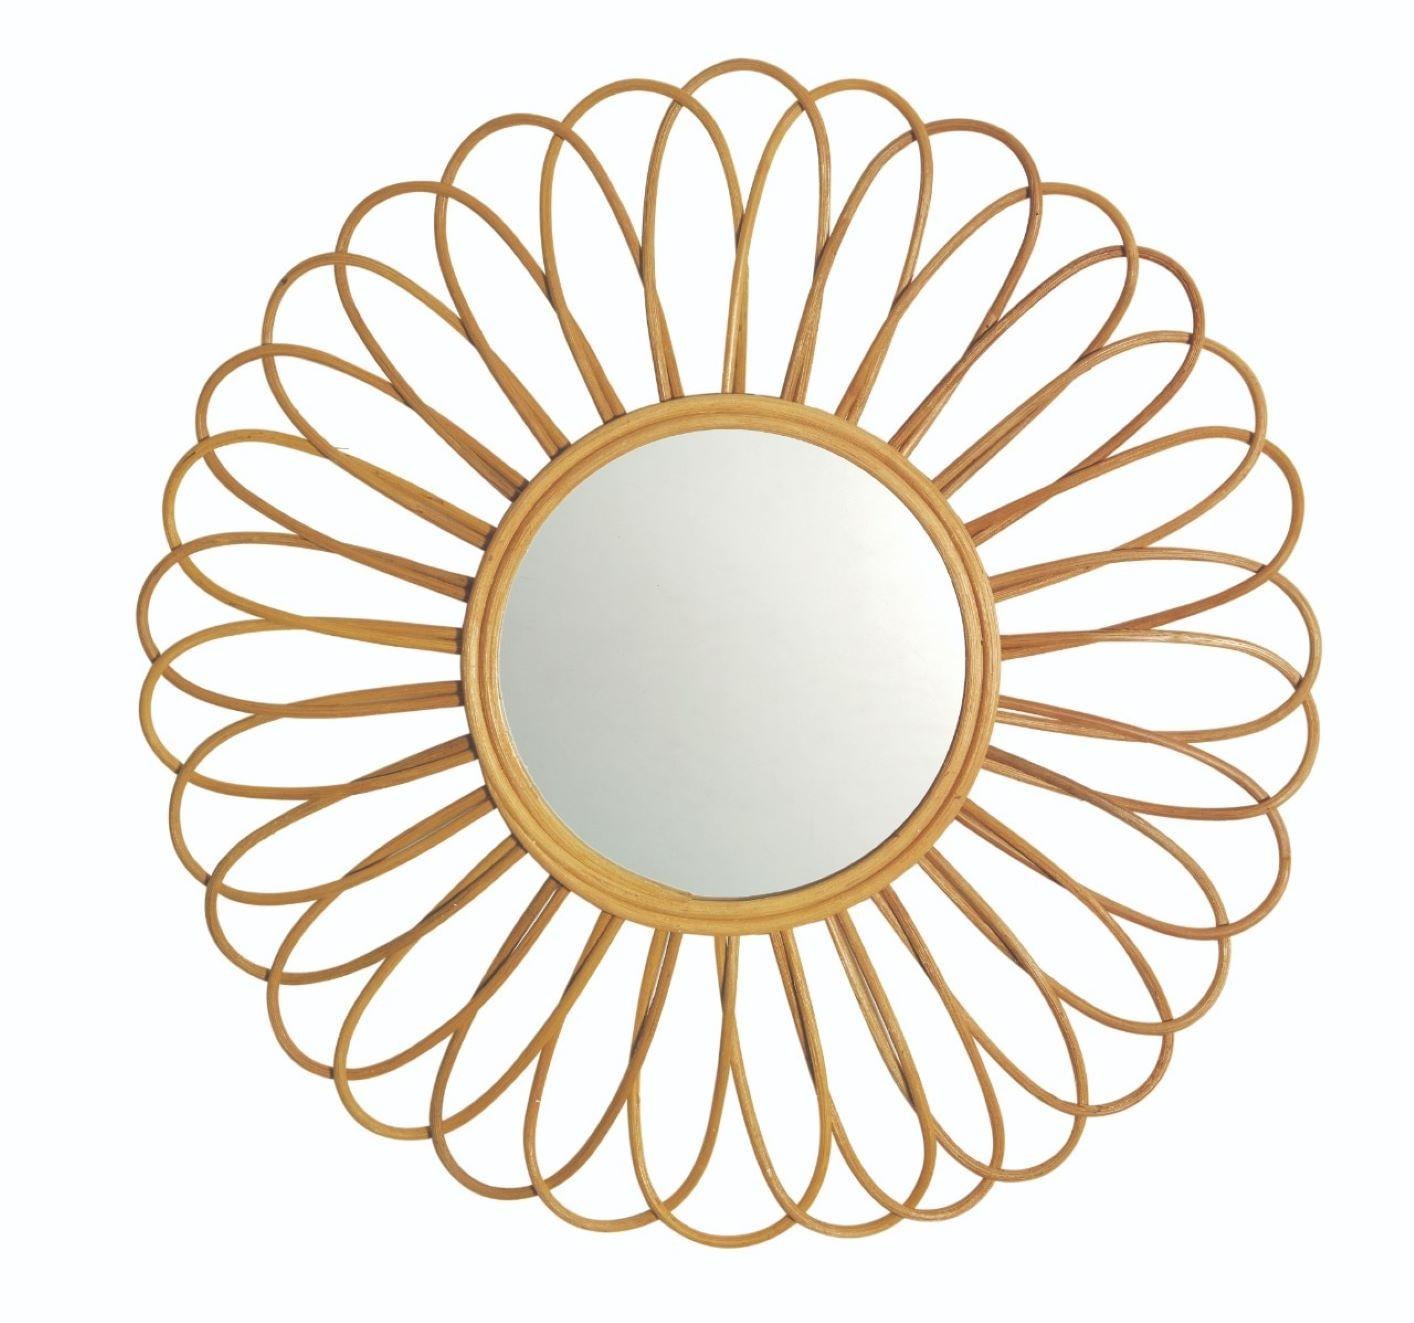 Espelho de Parede em Formato de Flor - De Rattan Estilo Boho